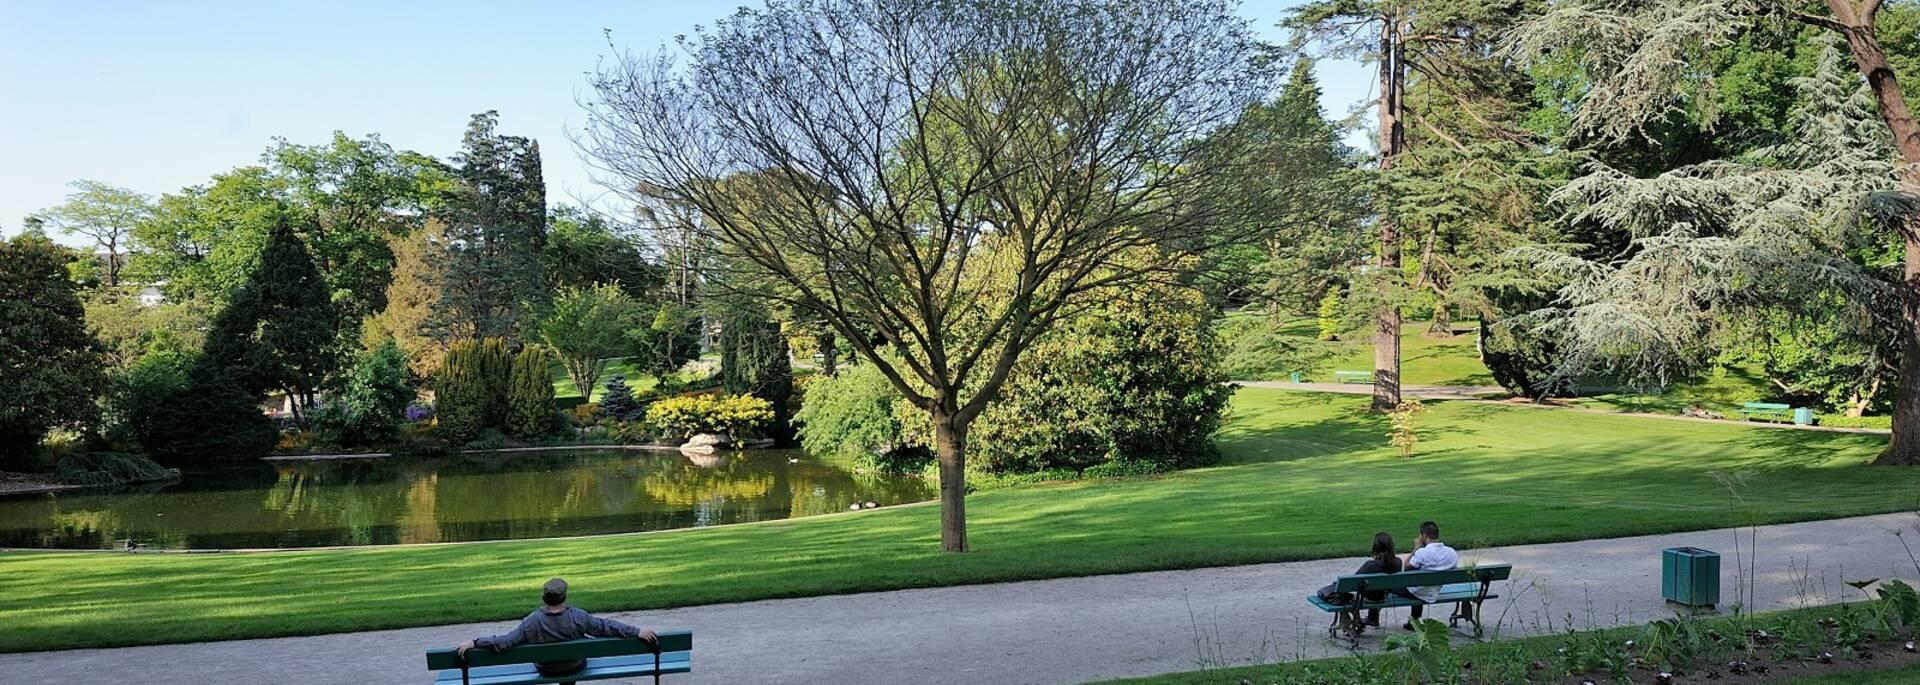 Parcs et jardins d'Angers - Jardin des plantes © Jean-Sébastien Évrard